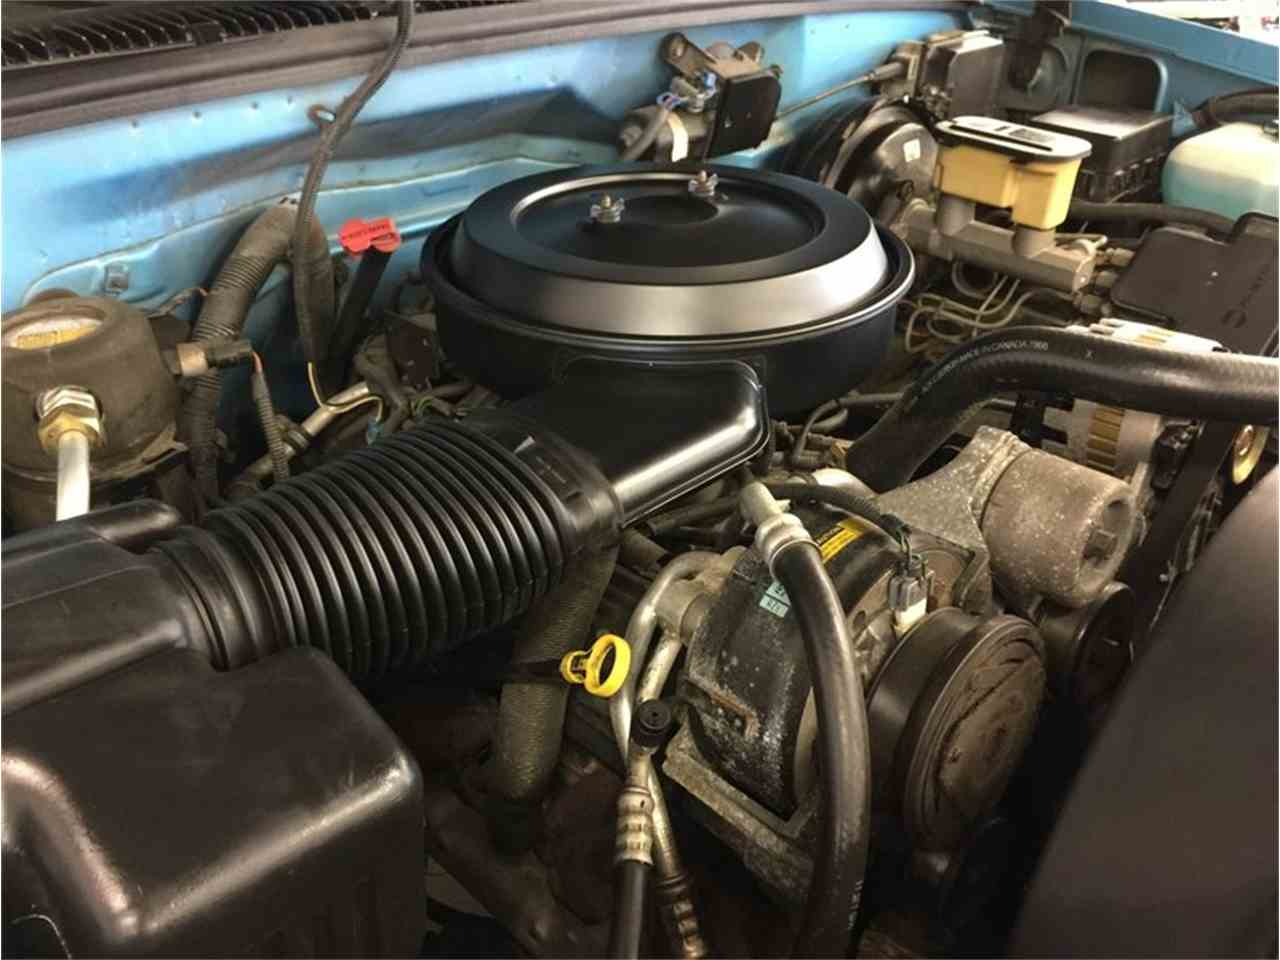 Groß 2001 Chevy S10 Scheinwerferverdrahtungsdiagramm Fotos ...